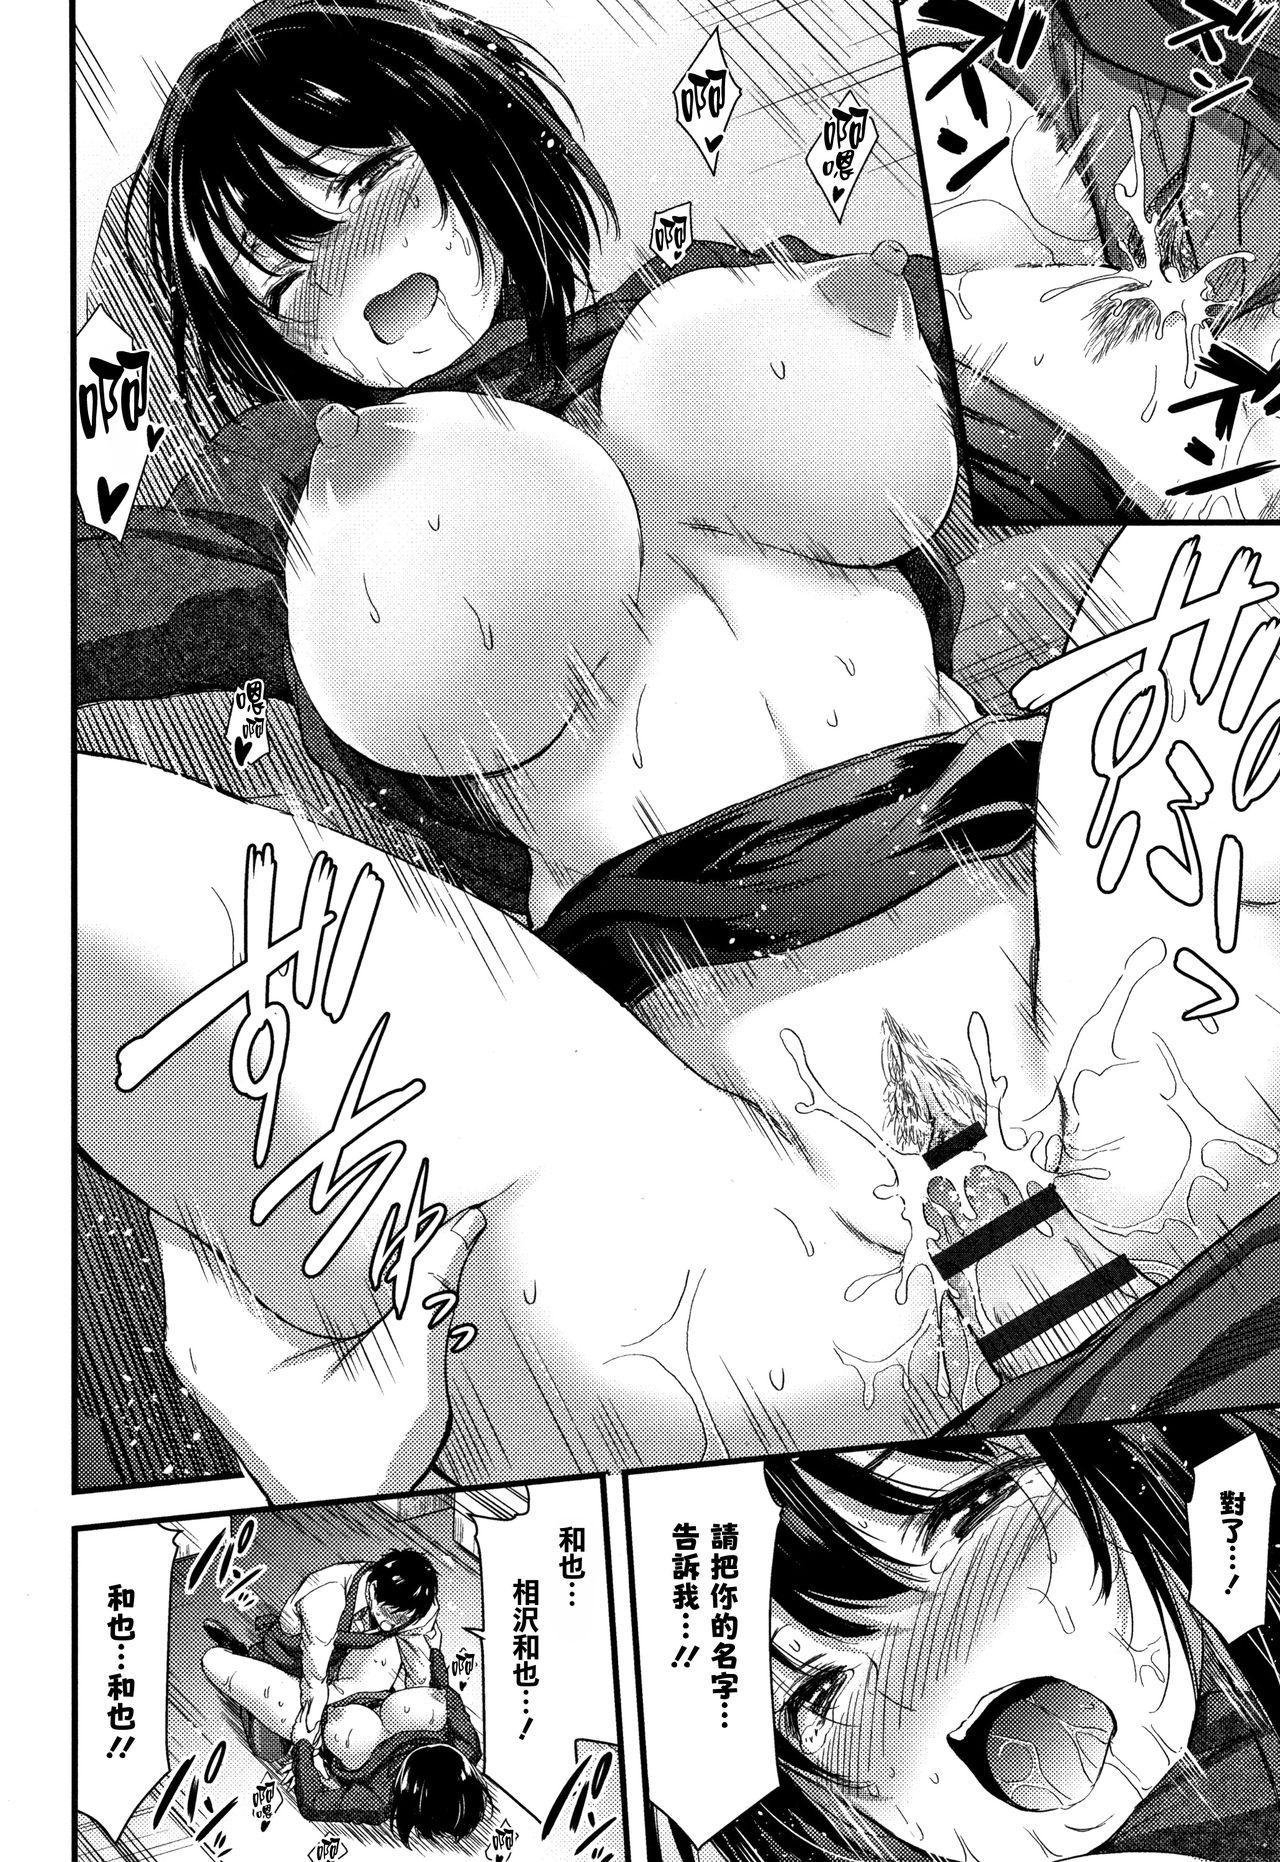 Nichijou Bitch Seitai Kansatsu 166